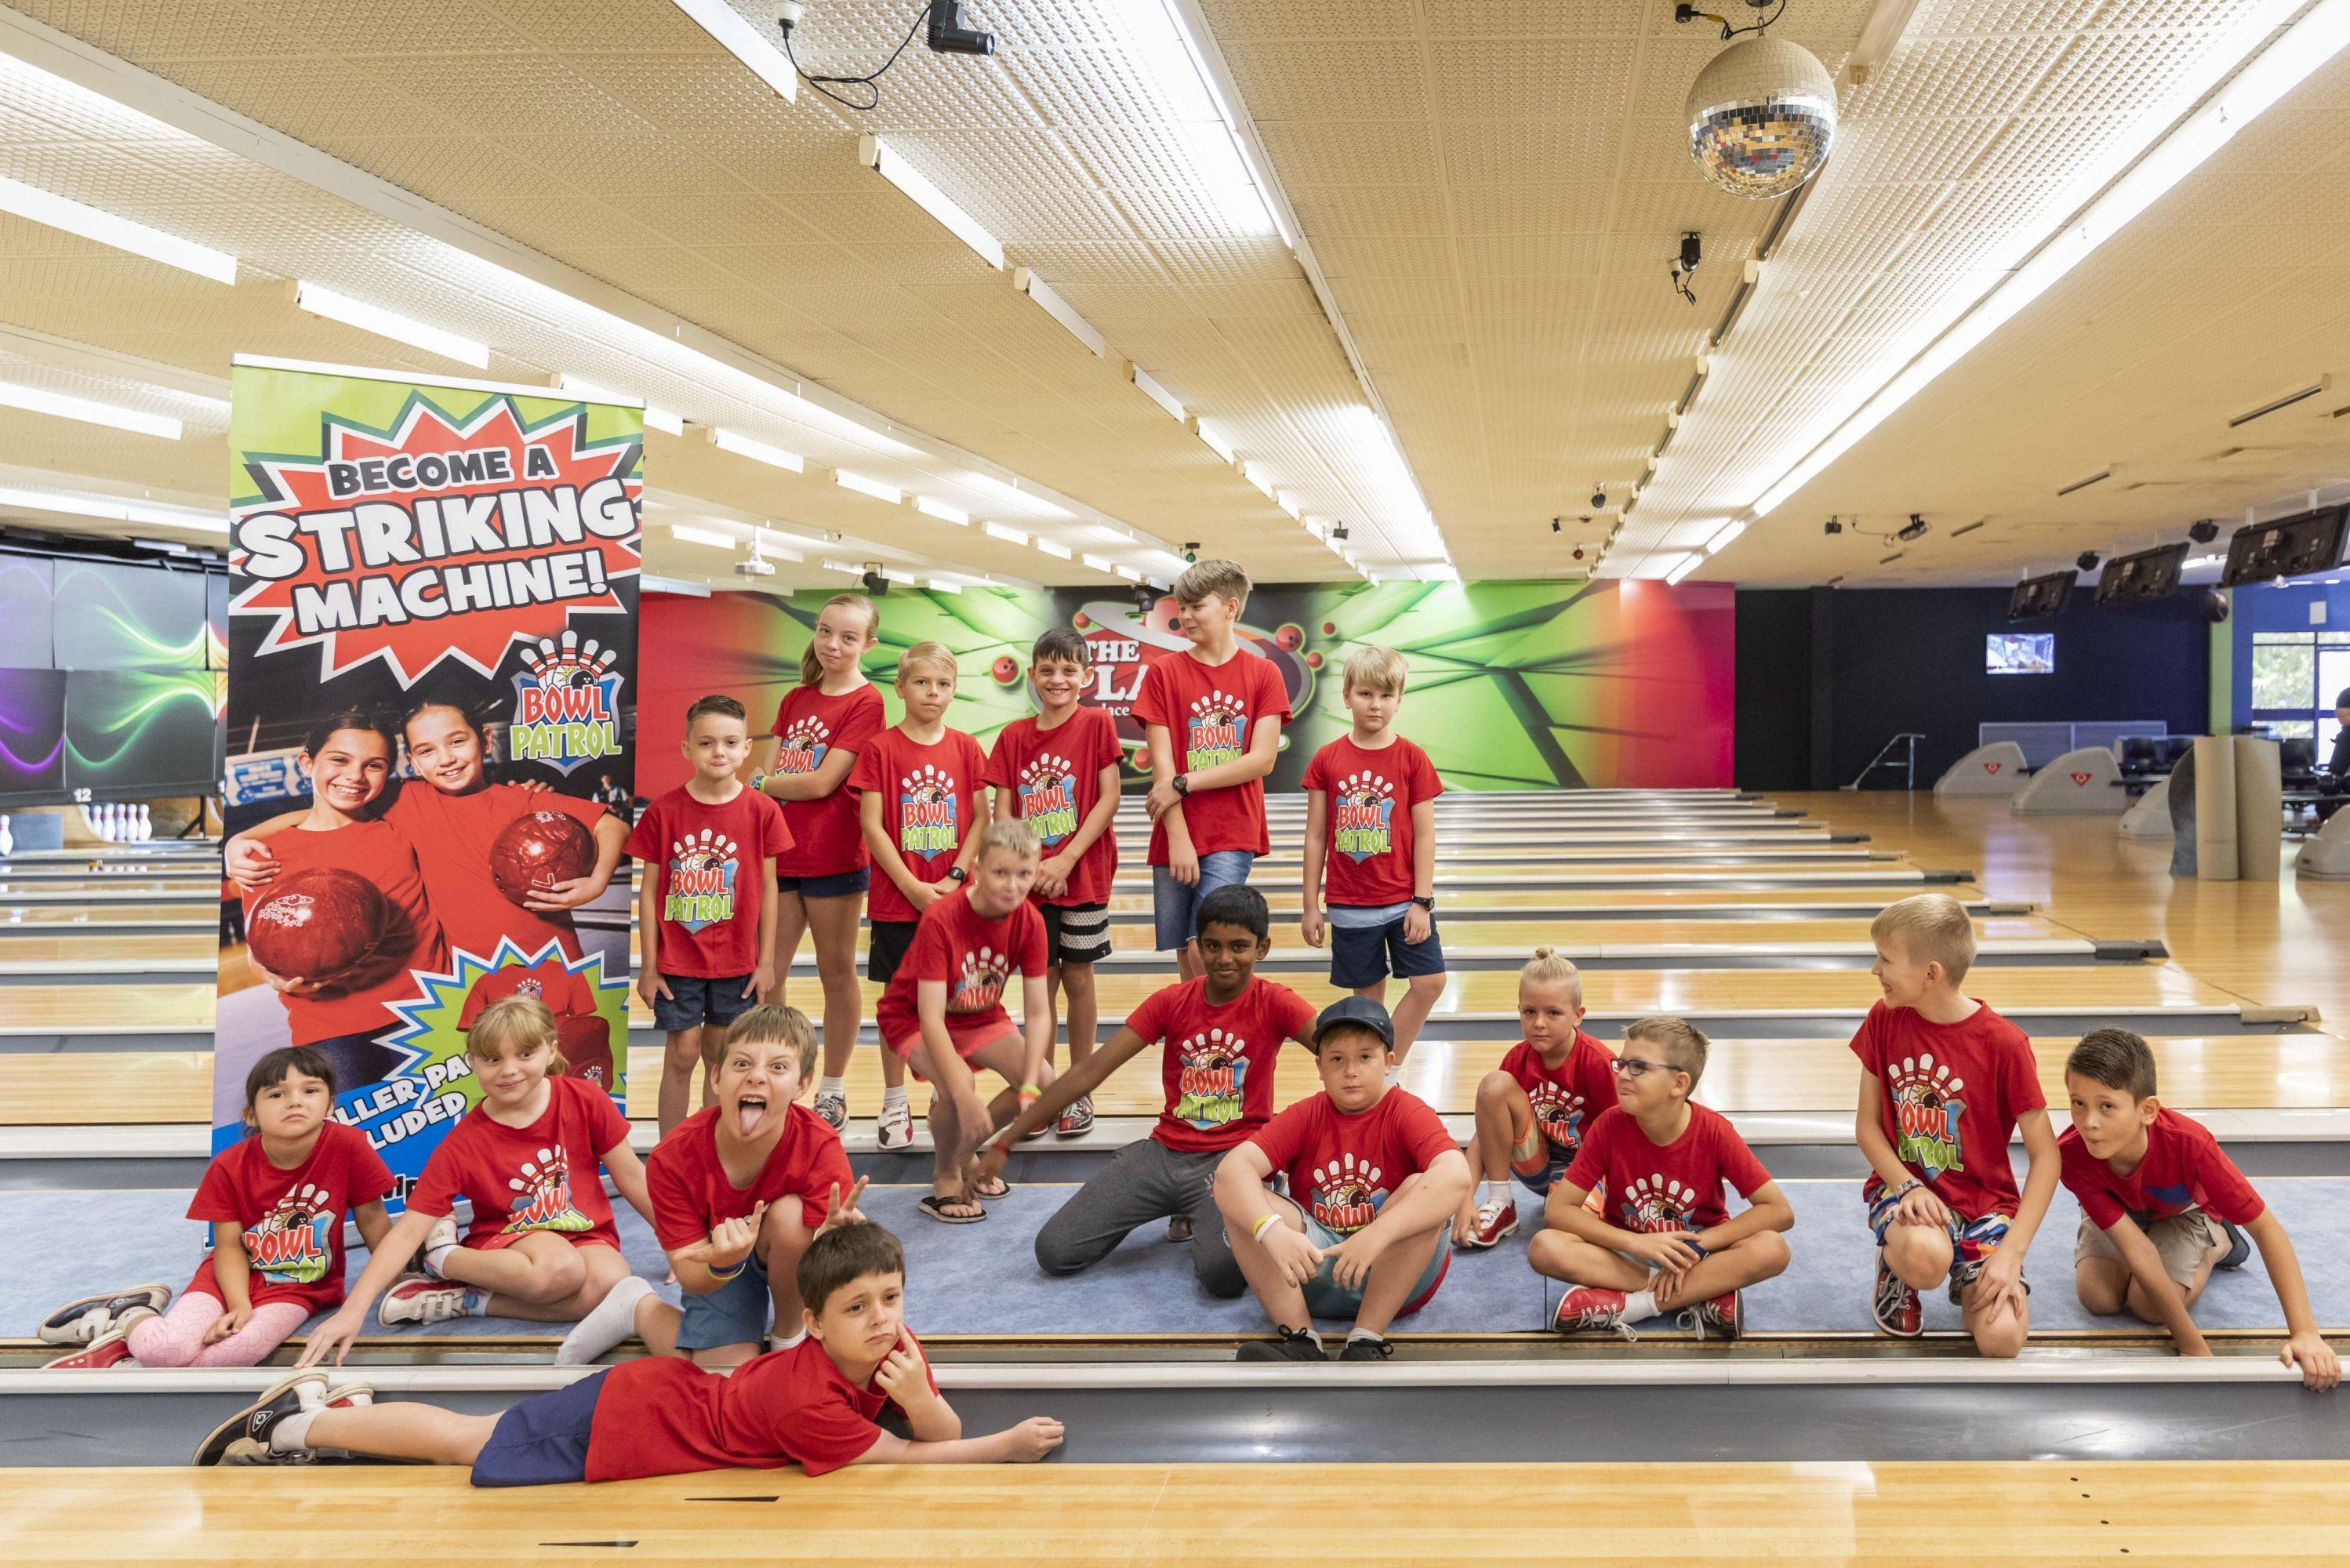 Bowl Patrol Tenpin Bowling Program